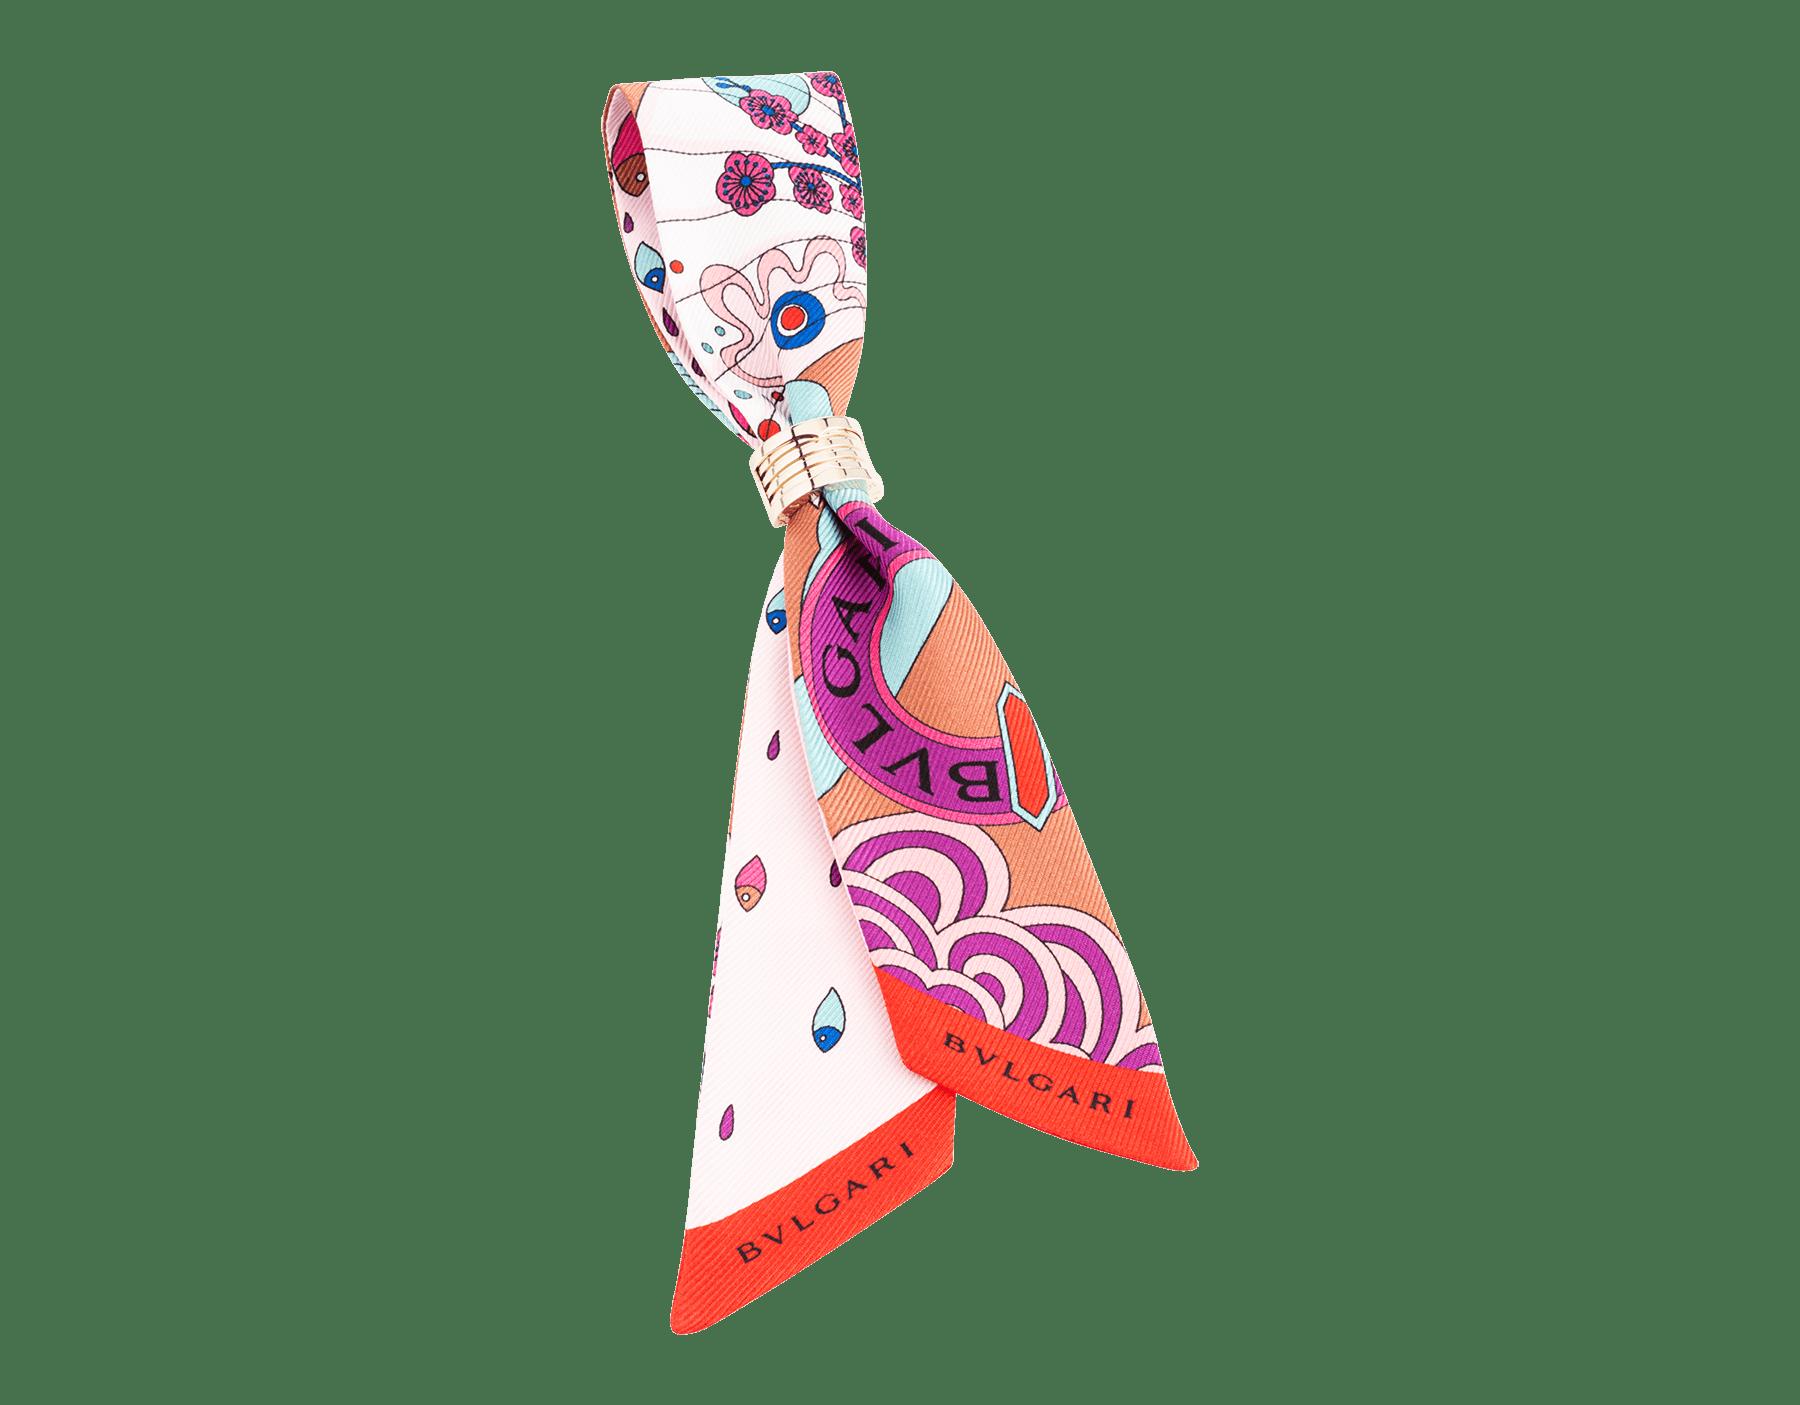 Shelley Jazz color topazio imperiale in seta saglione. 244035 image 1